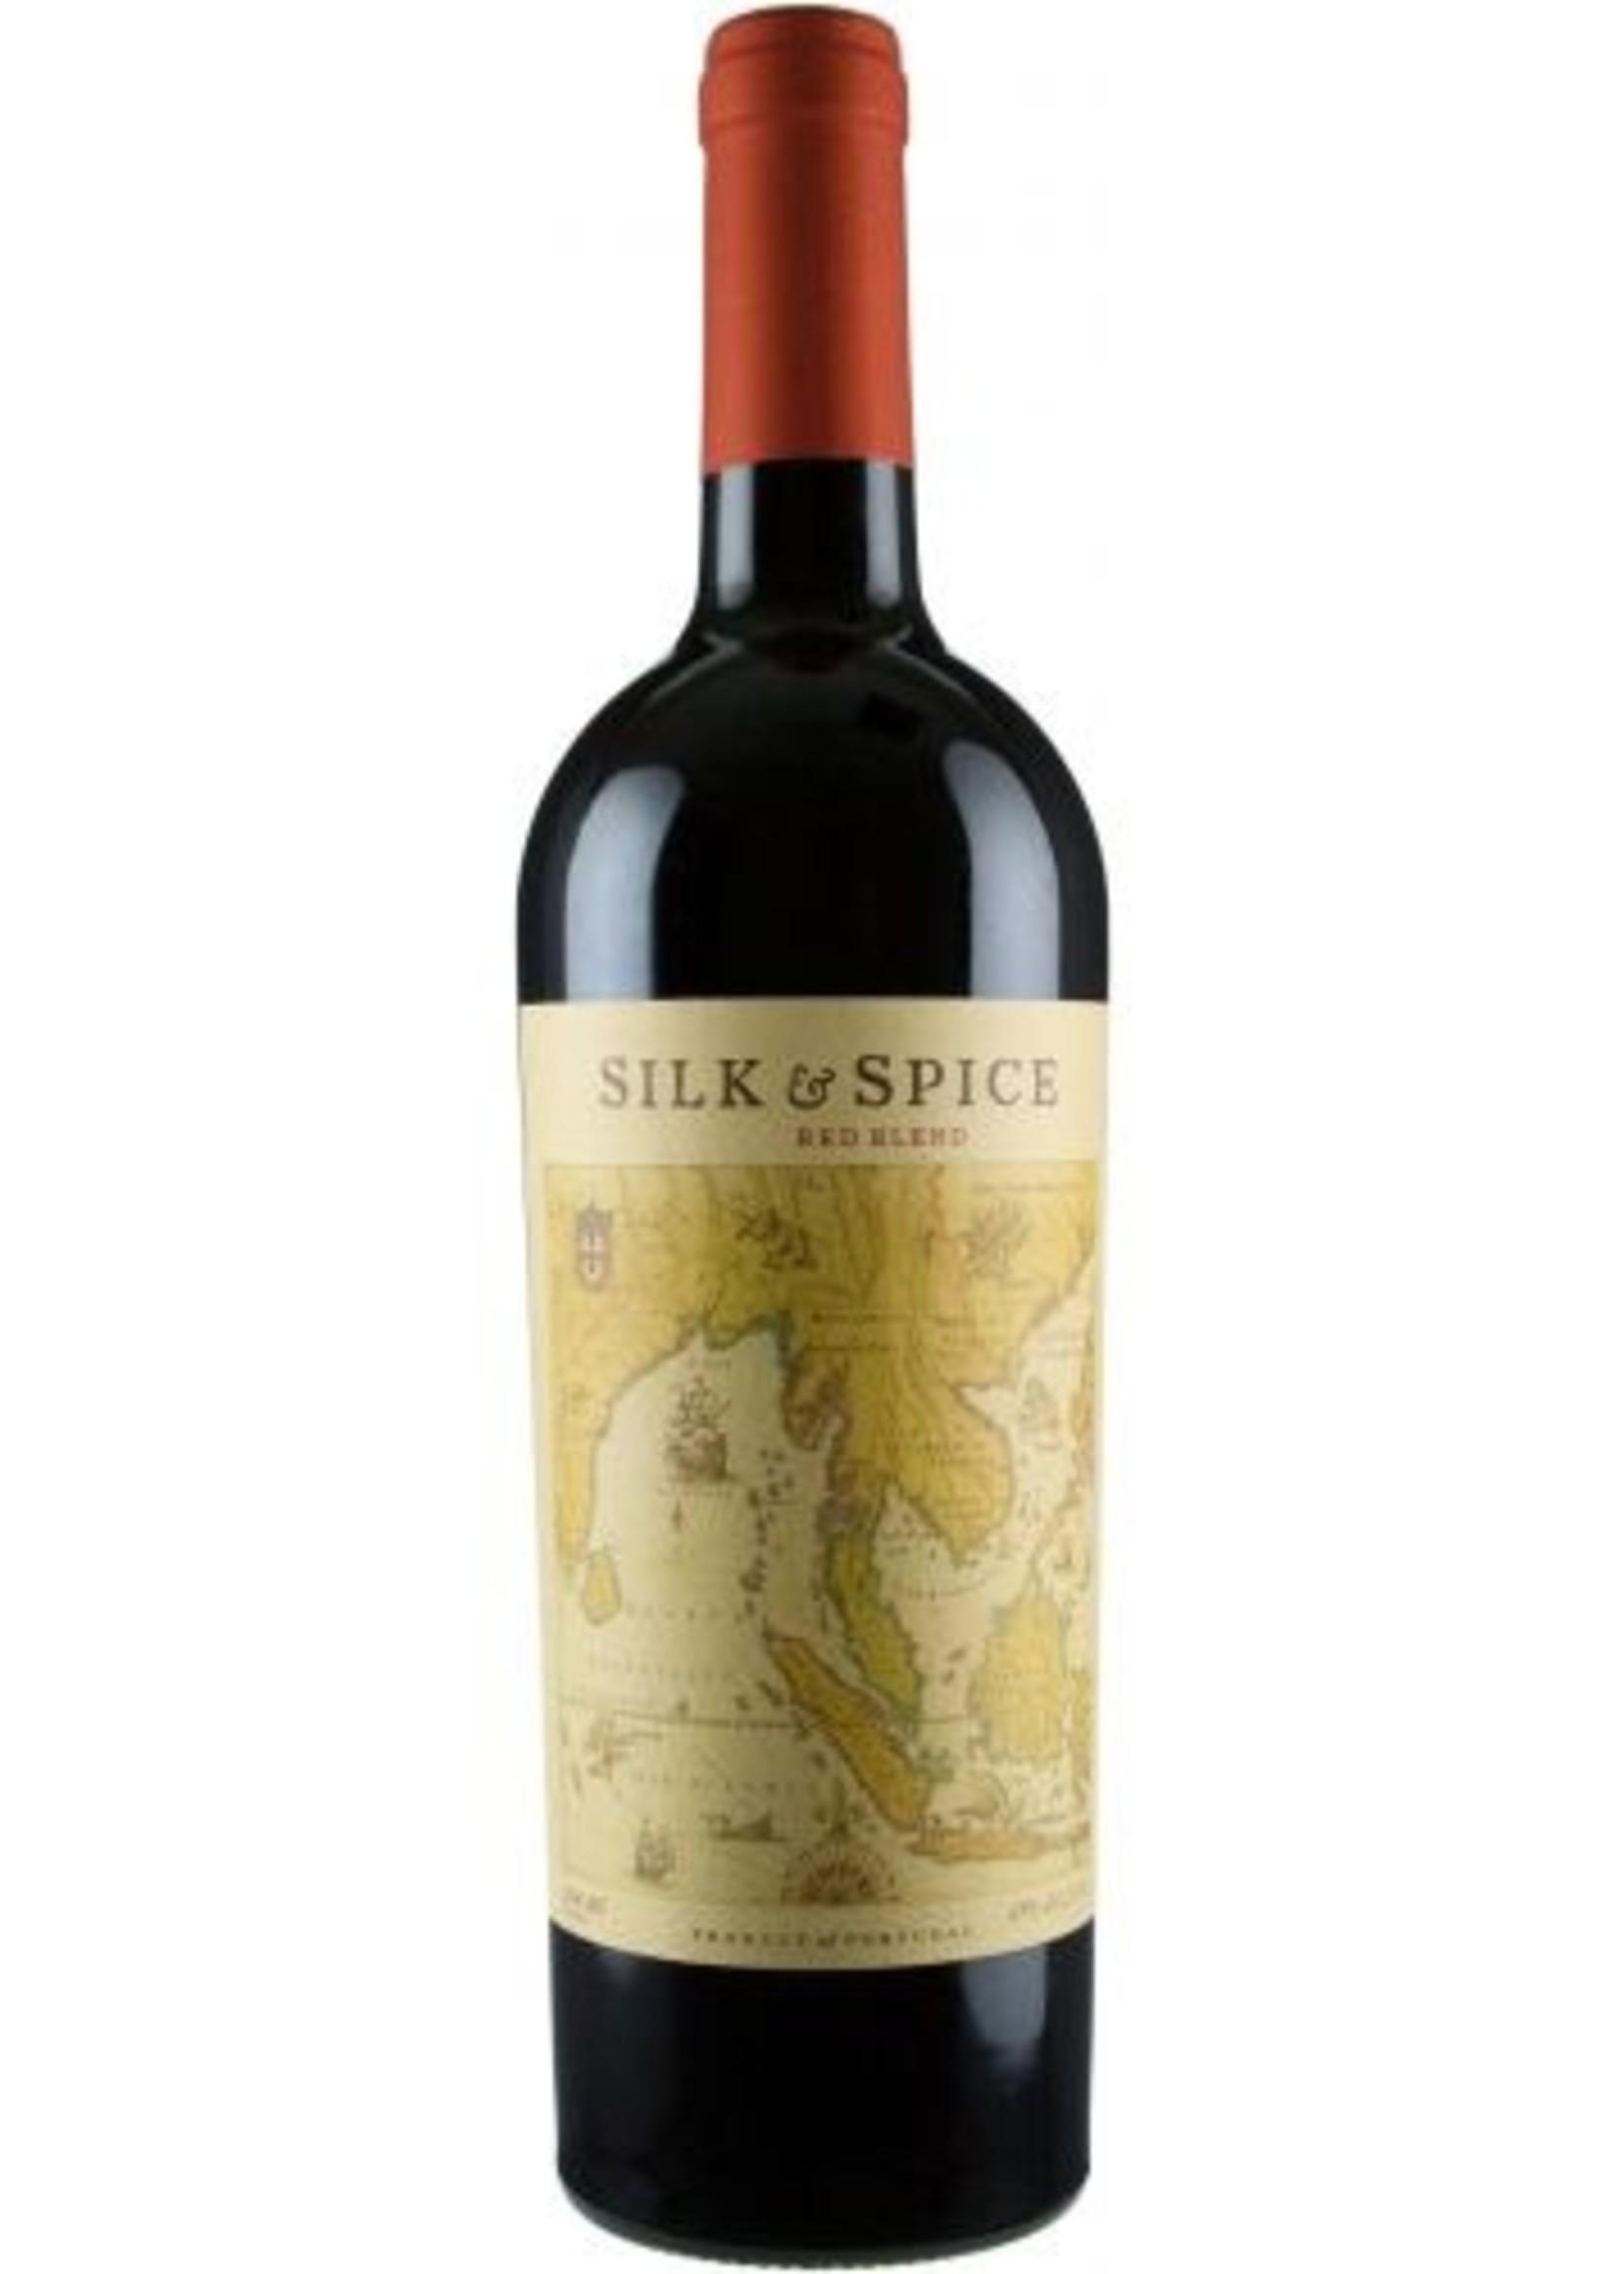 Silk & Spice Red